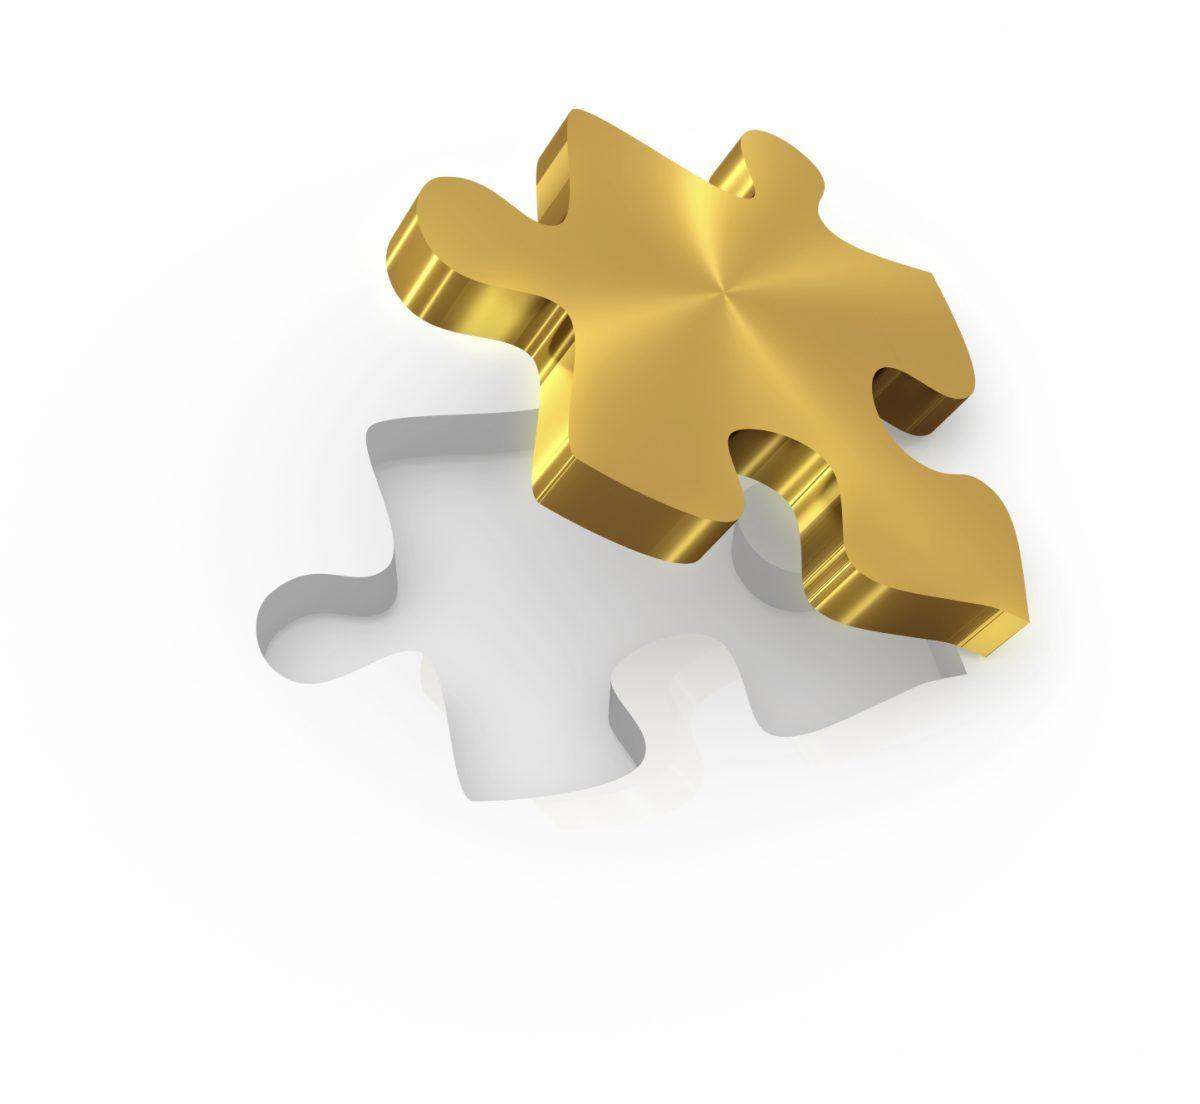 istock-jigsaw